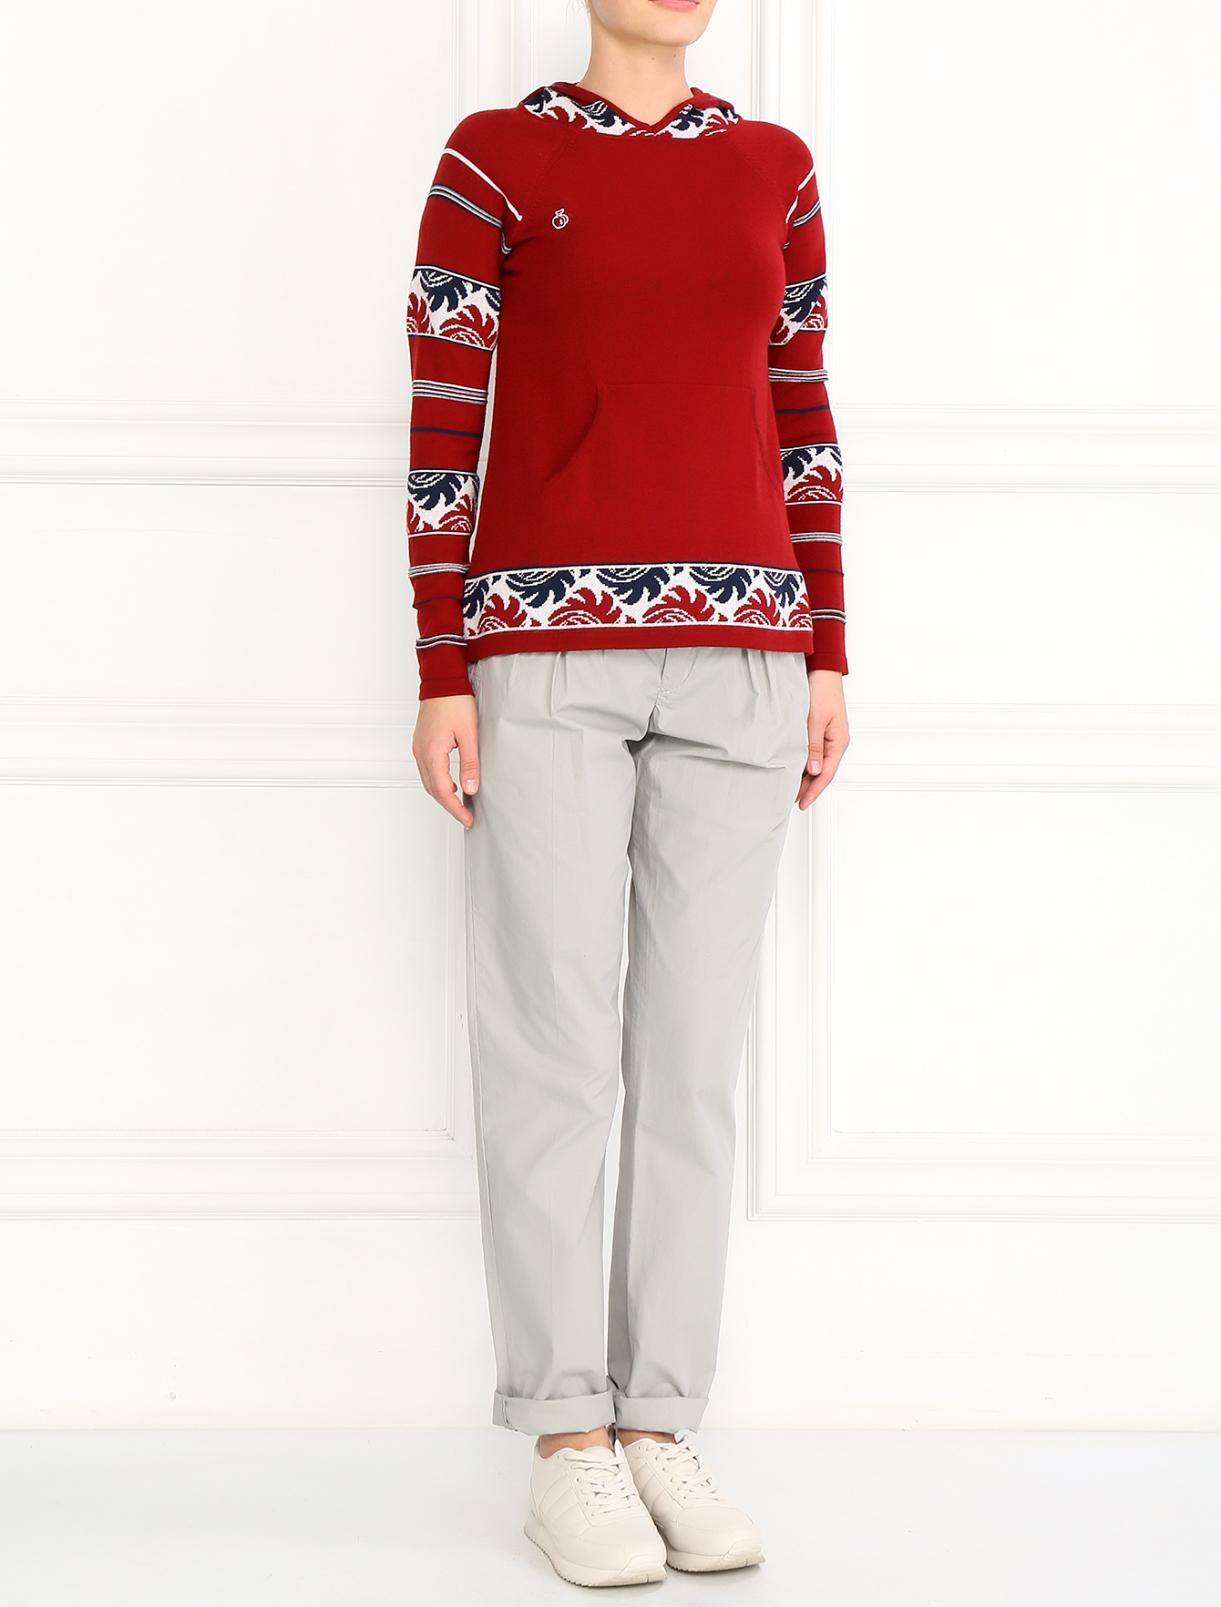 Джемпер из шерсти с капюшоном Bosco Fresh  –  Модель Общий вид  – Цвет:  Красный